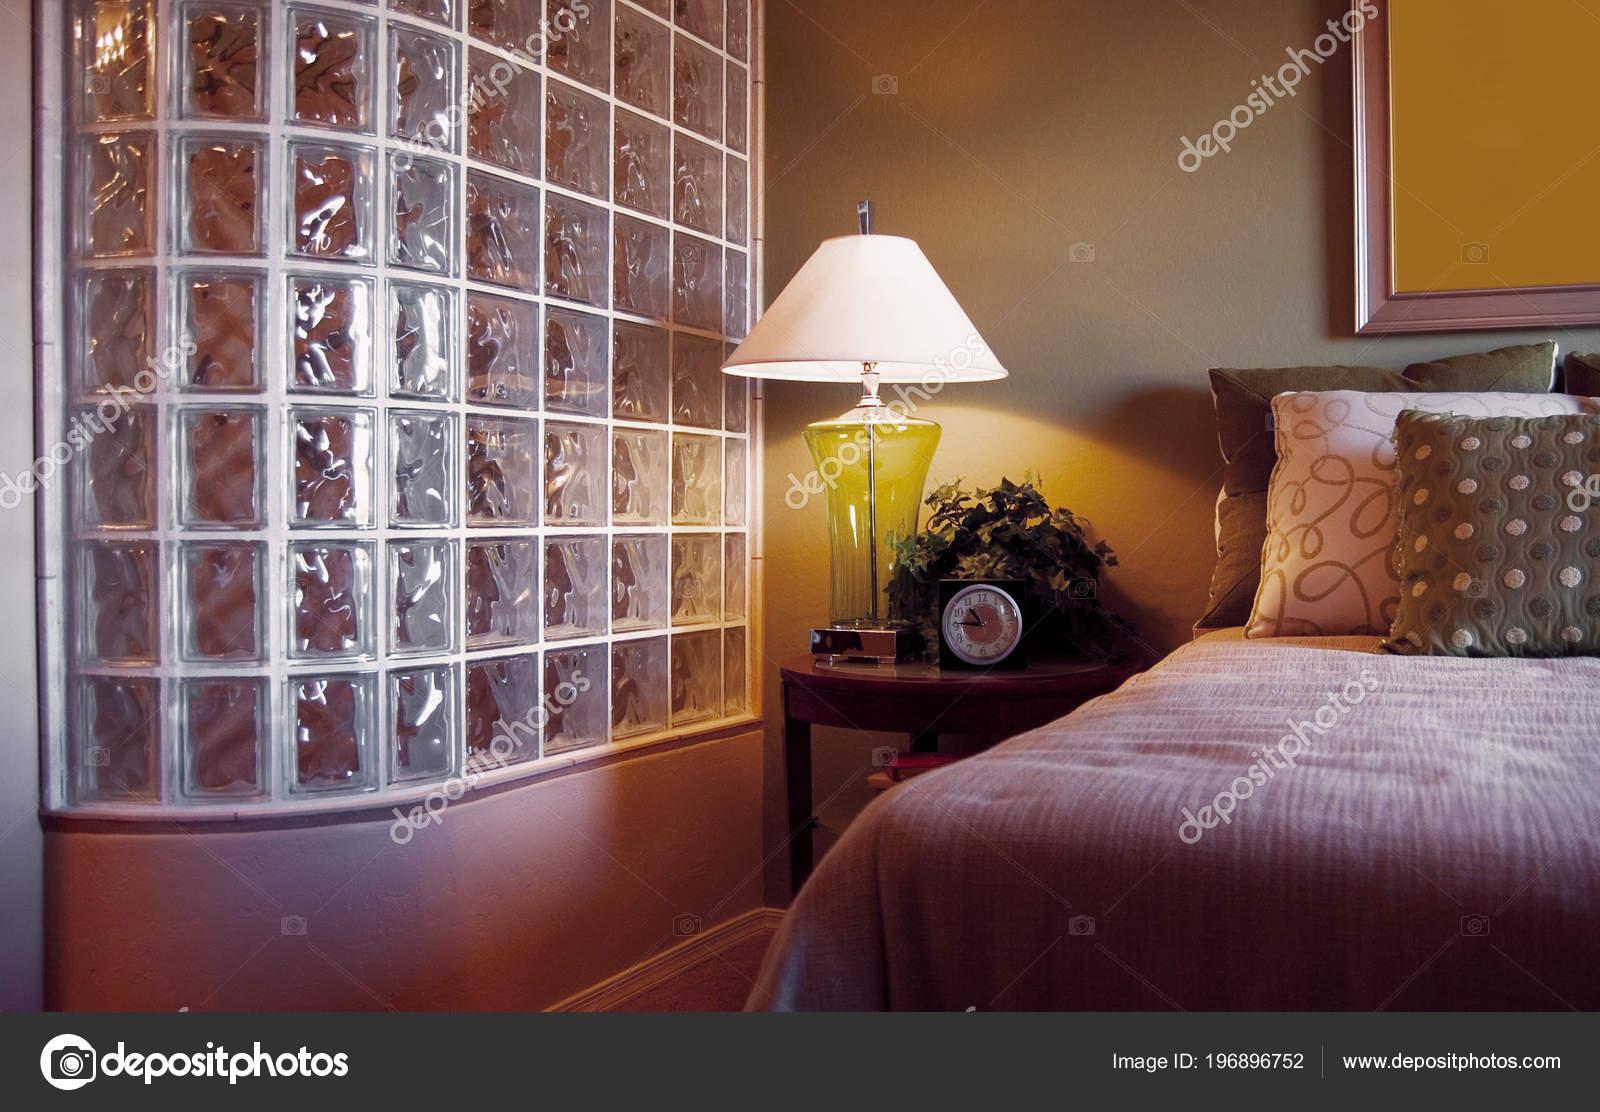 Stilvolle Schlafzimmer Innenraum Mit Glas Wand Dusche Und ...